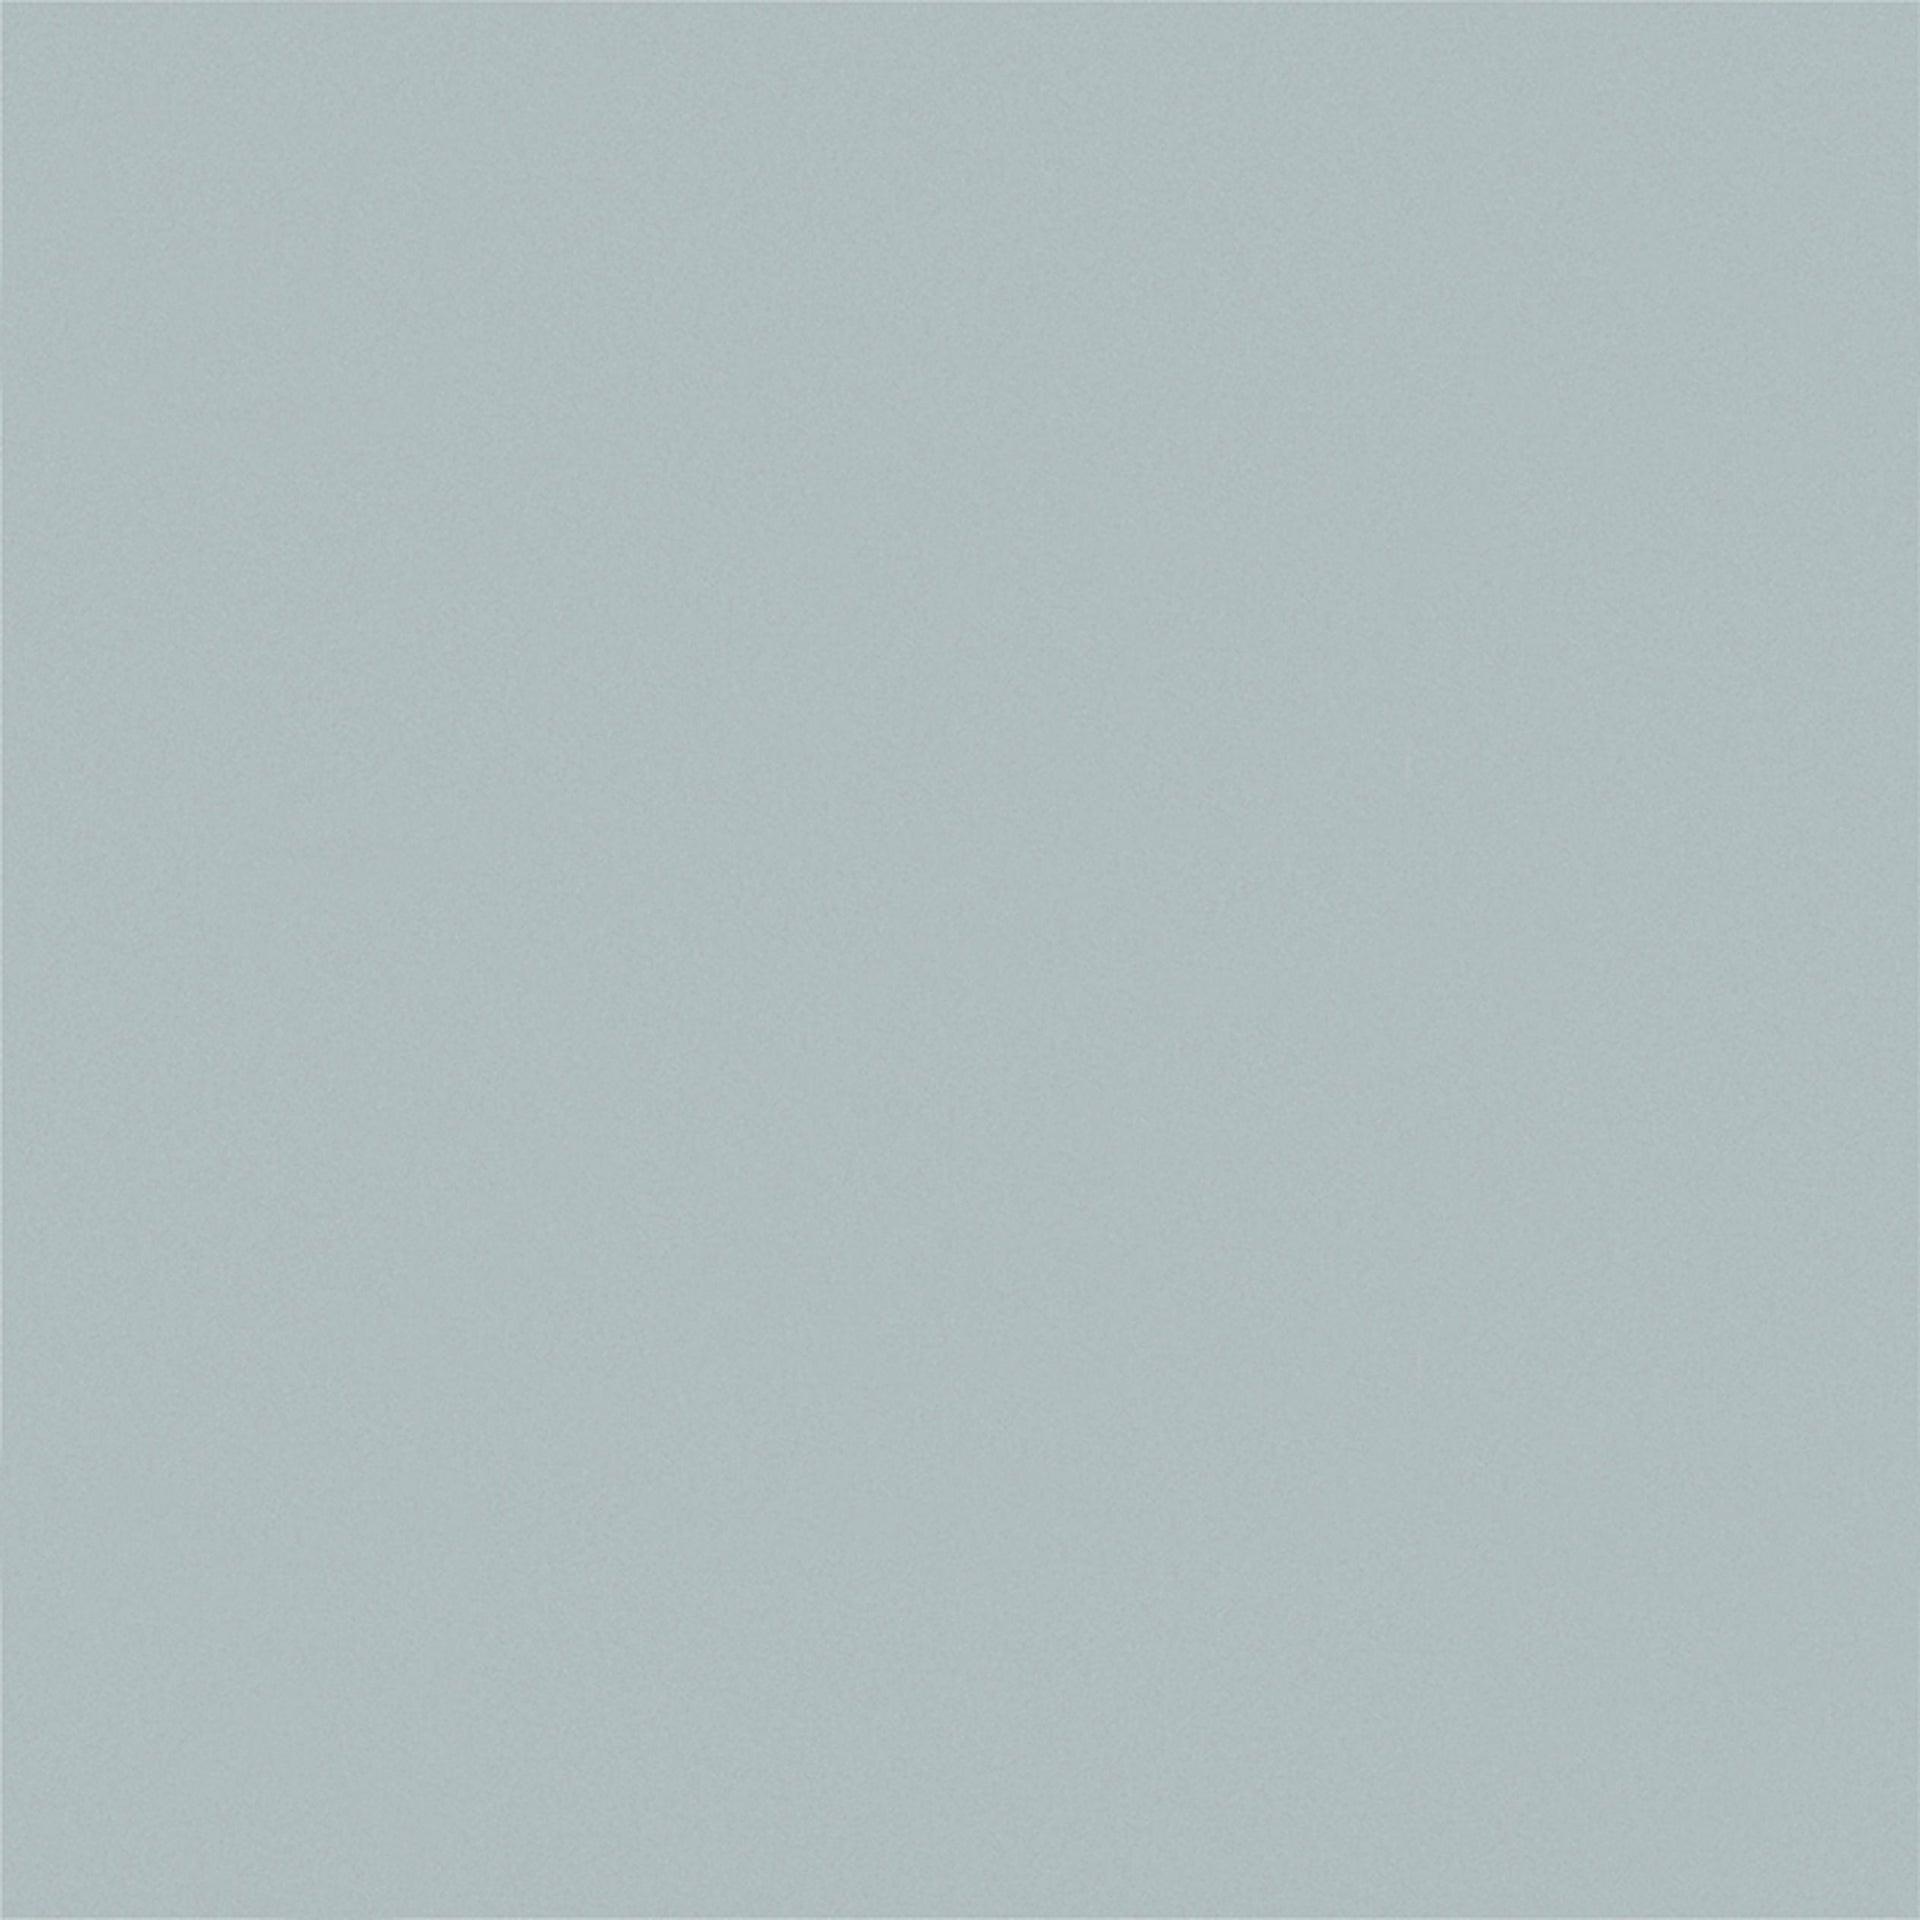 Piastrella Locarno 20 x 20 cm sp. 10 mm PEI 3/5 blu - 3